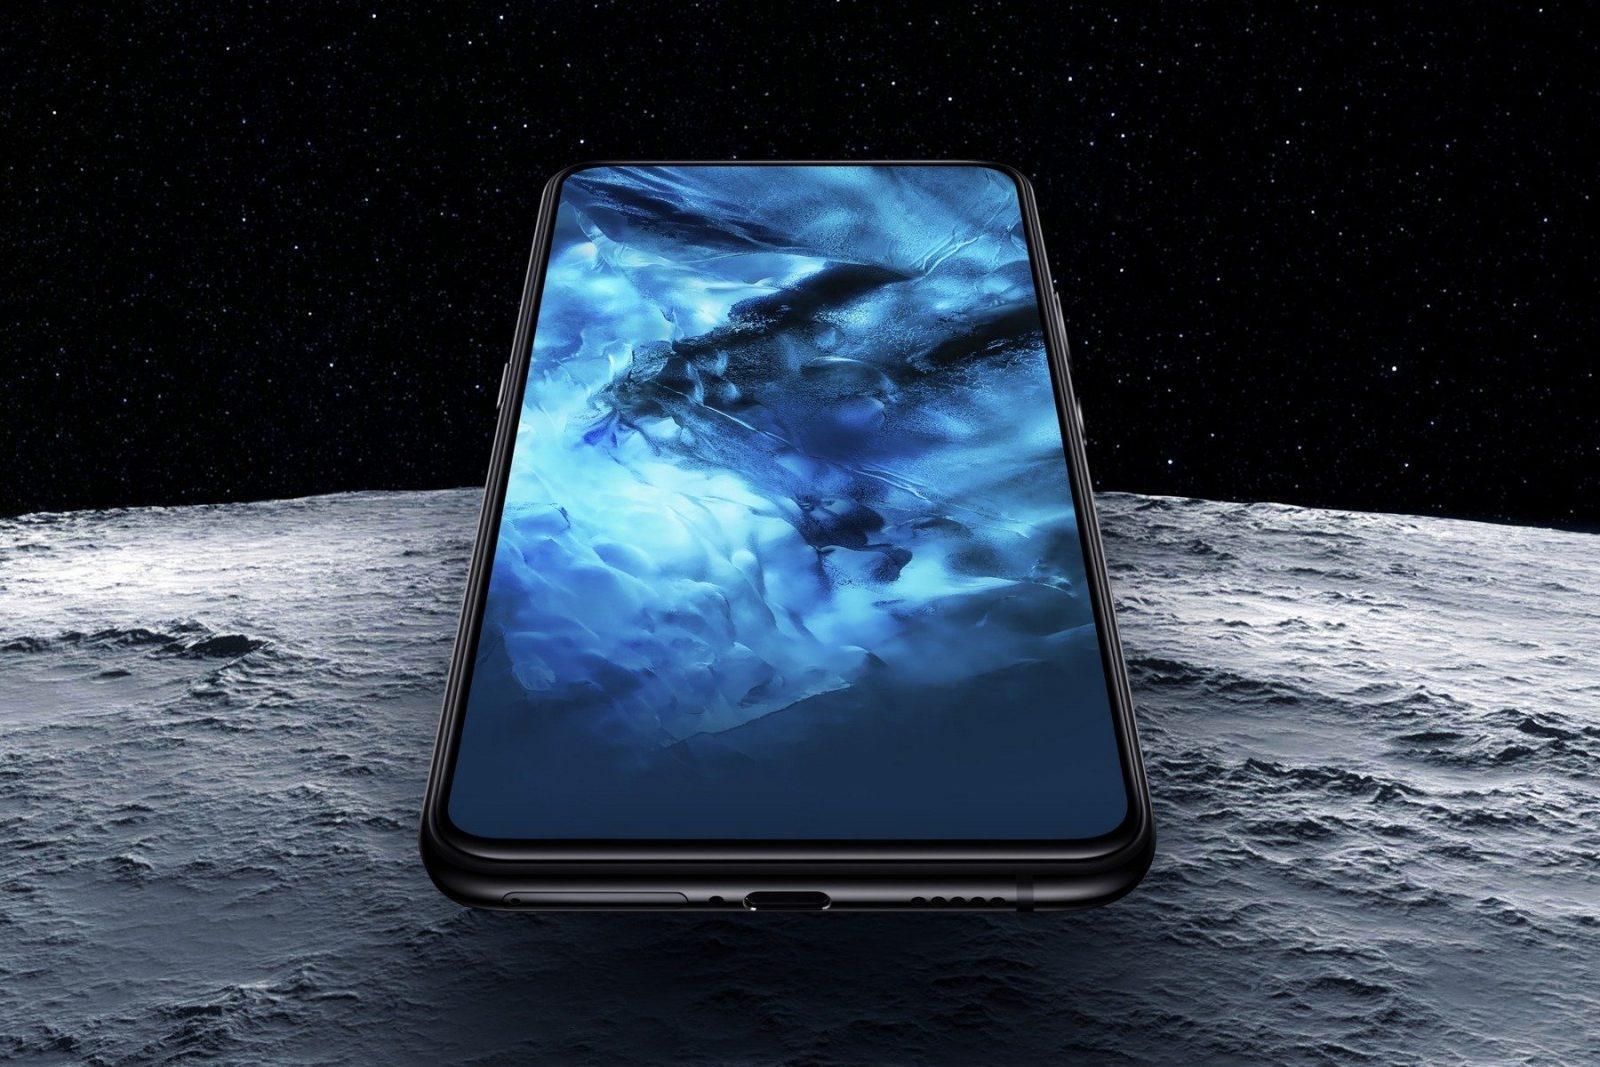 Тонкие рамки вокруг экрана